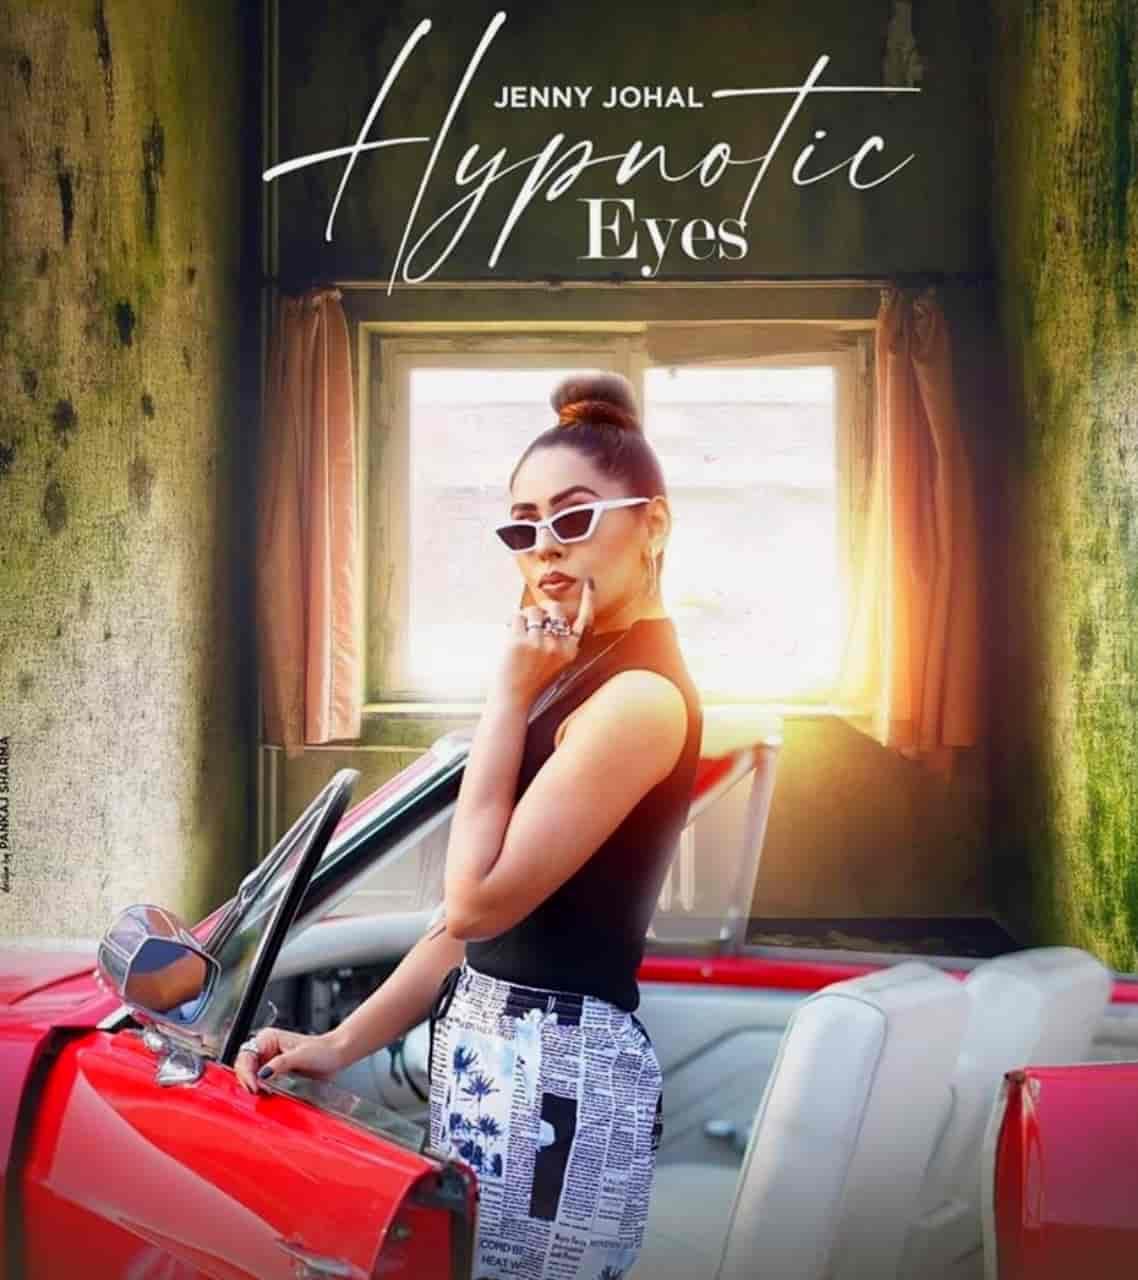 Hypnotic Eyes Punjabi Song Image Features Jenny Johal